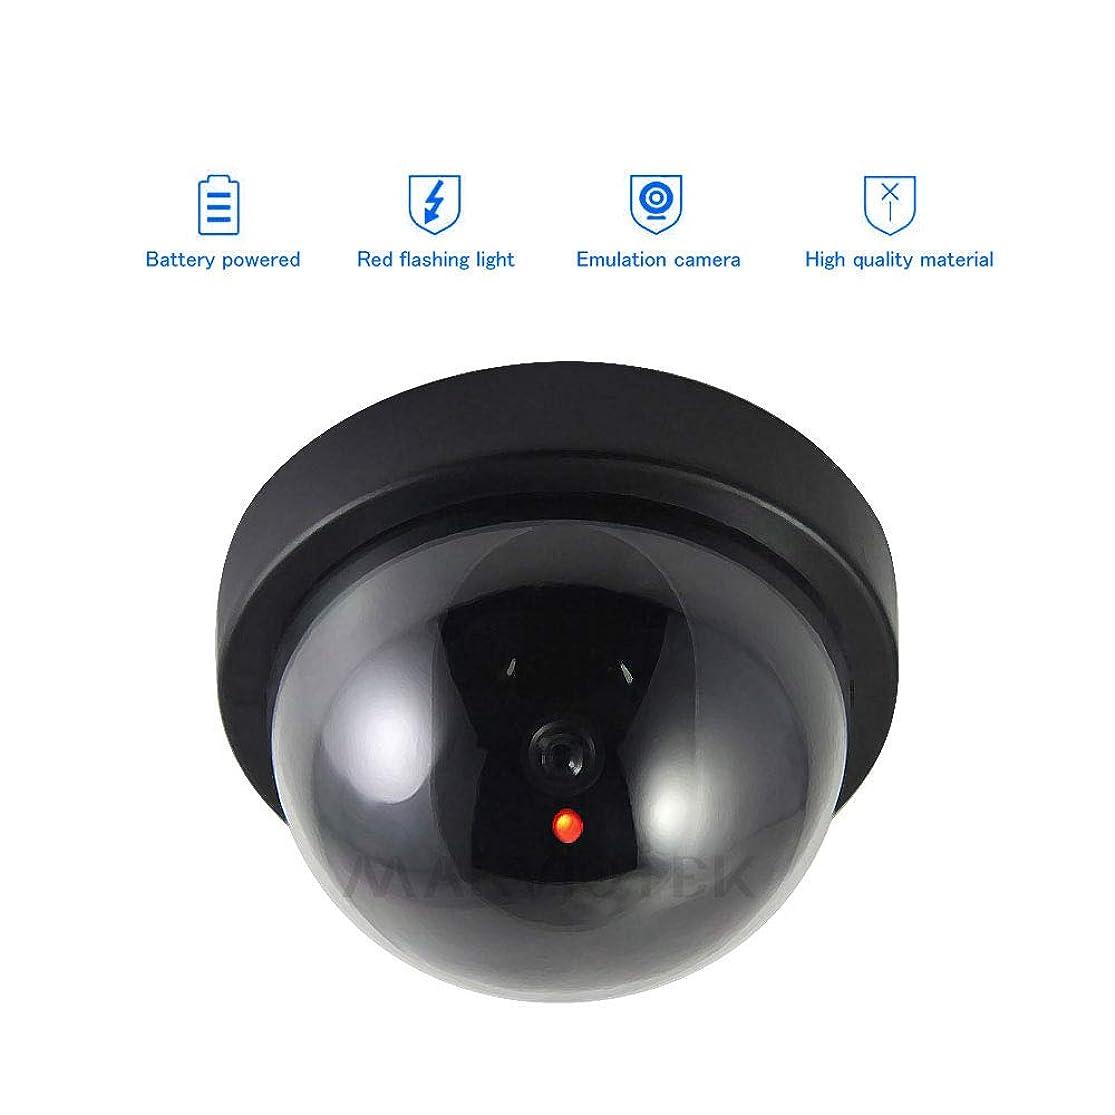 課税にぎやか魔術師屋内偽のIPカメラWifiホームセキュリティビデオ監視ダミーカメラCctv Videcamミニカメラ点滅LEDライト